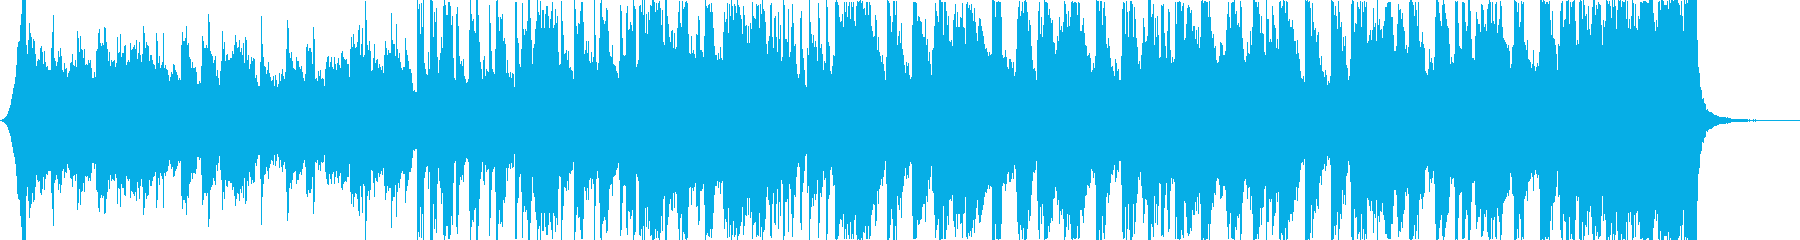 おしゃれ軽快華やかディスコネオソウルcの再生済みの波形